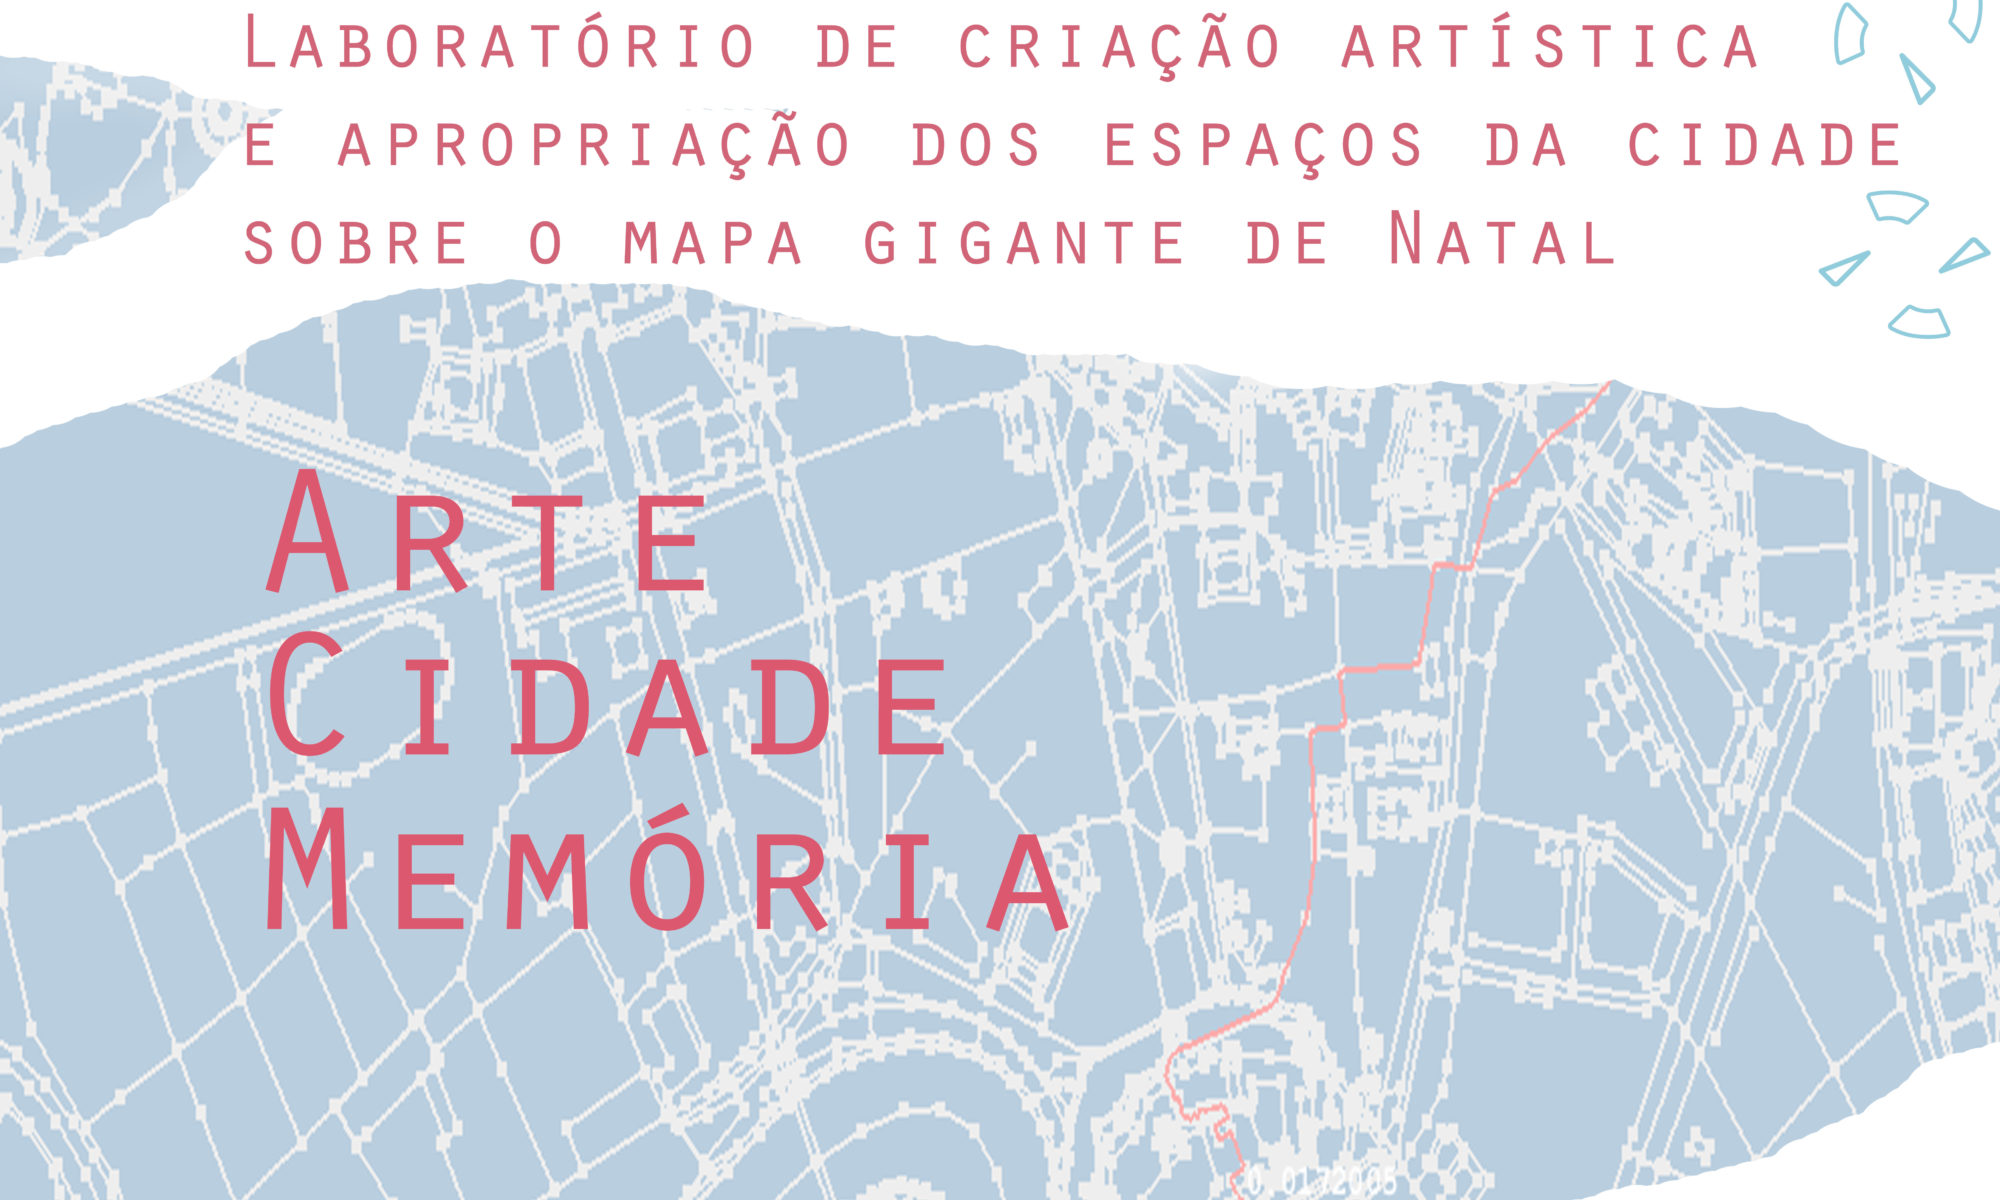 Laboratório promovido pelo Museu da Memóra Afetiva é voltado para artistas e profissionais criativos.